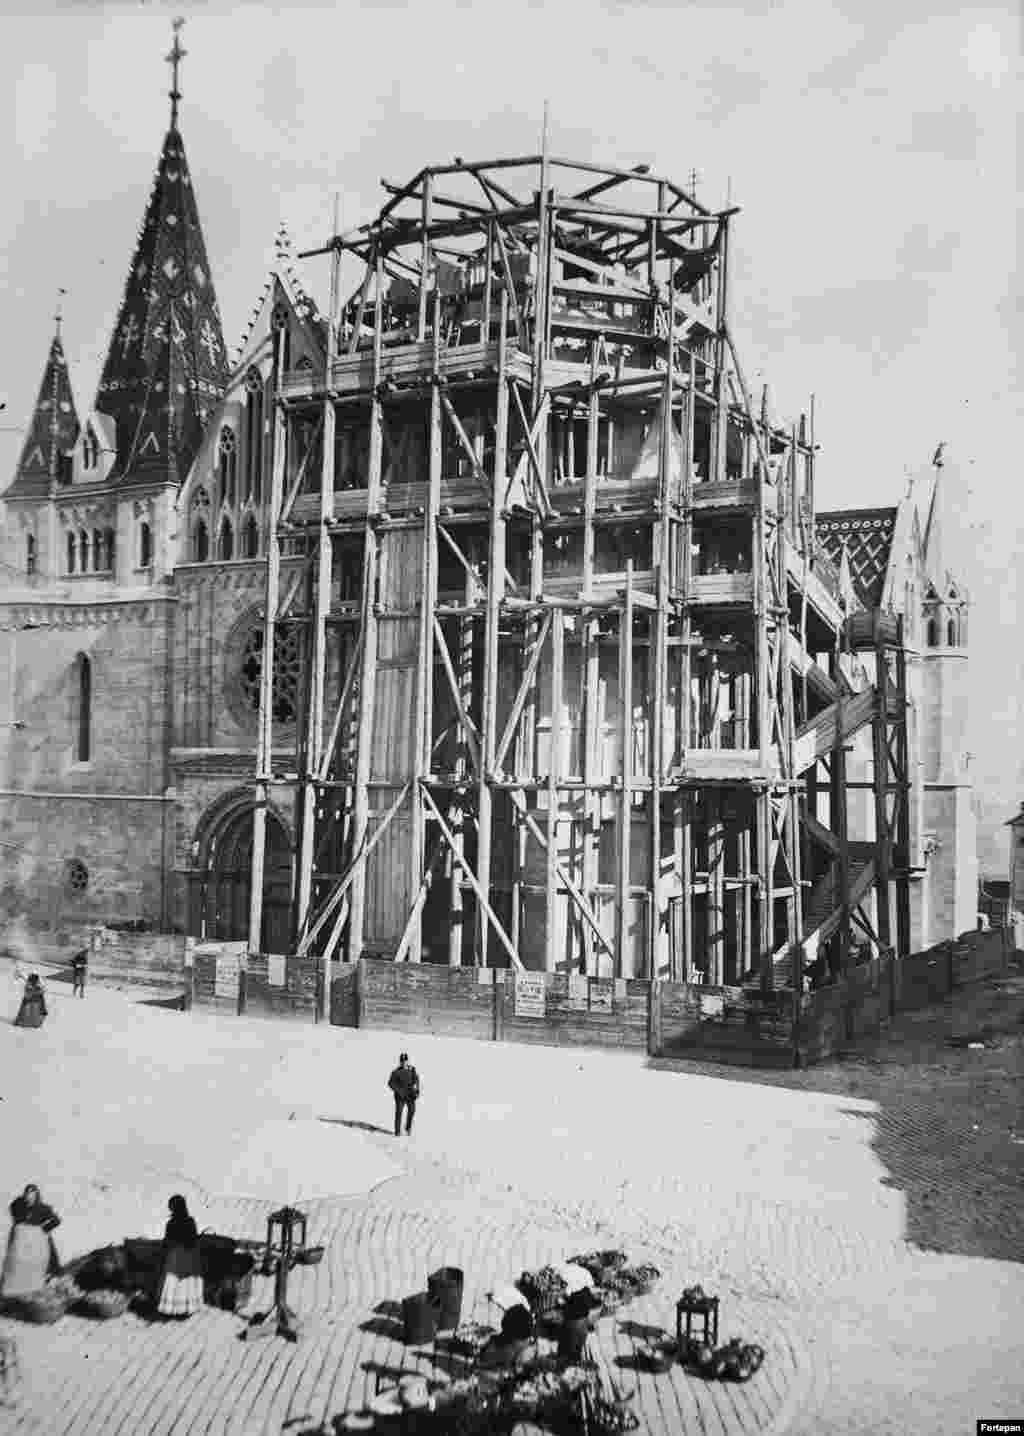 Церковь Матьяша, расположенная недалеко от Будайского замка, во время реконструкции. 1893 год. Здание было построено в XIV веке, но перестраивалось в конце XIX века. В ходе реконструкции фасад церкви украсили декоративными элементами: например, горгульями и узорчатой черепичной крышей